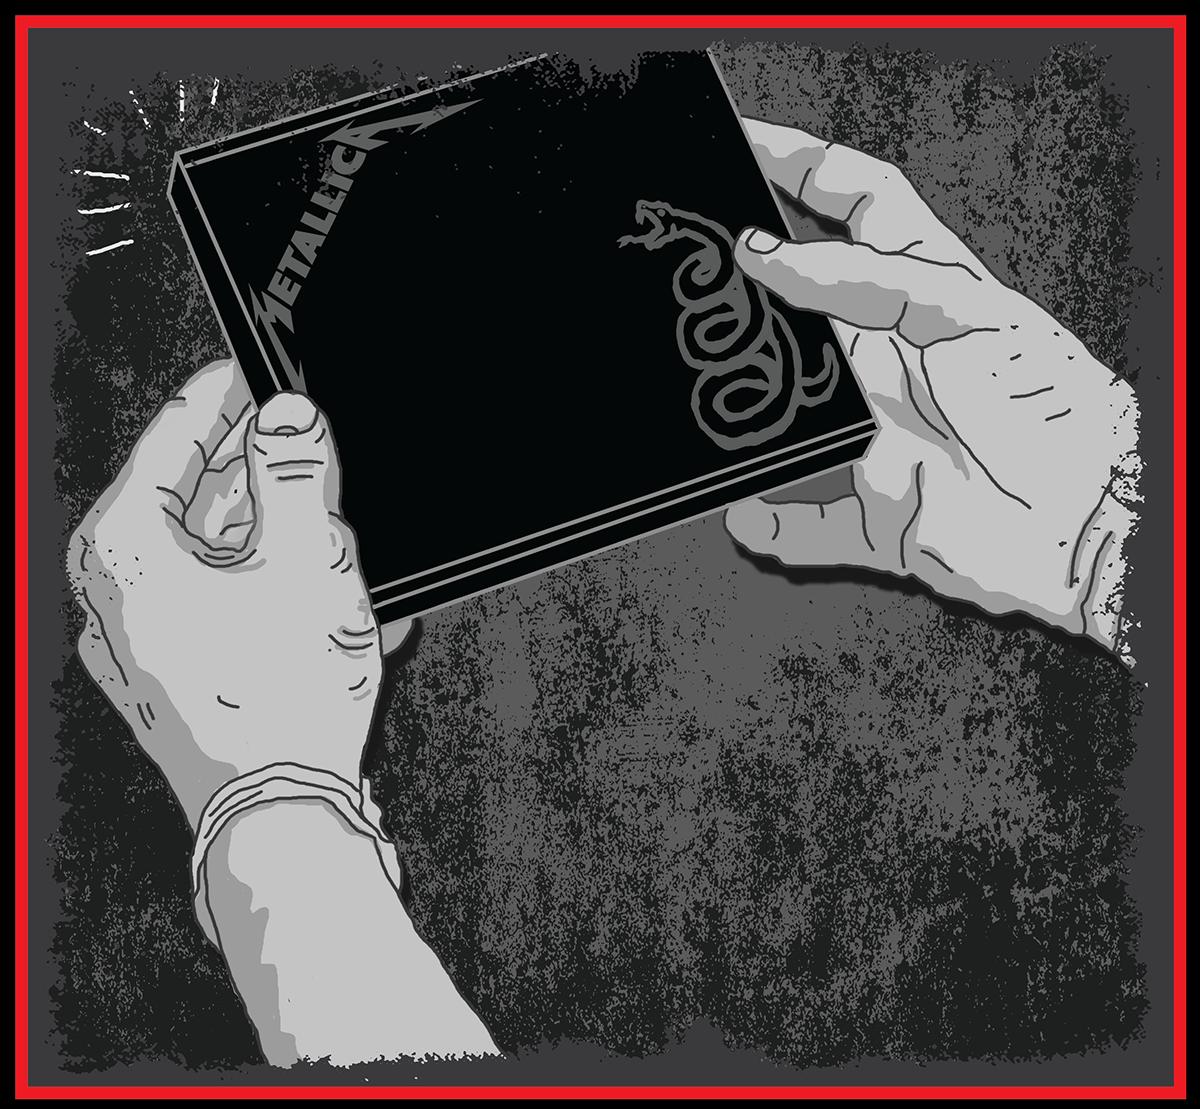 metallica yaconic kaja negra